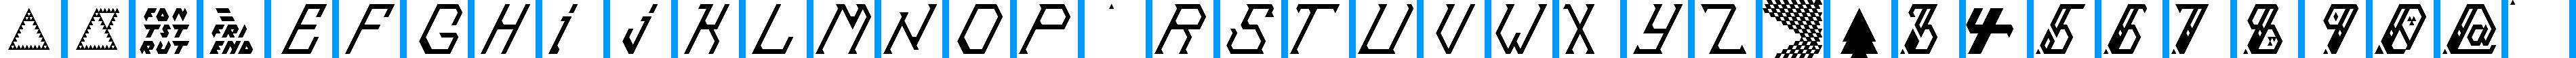 Particip-a-type v.327